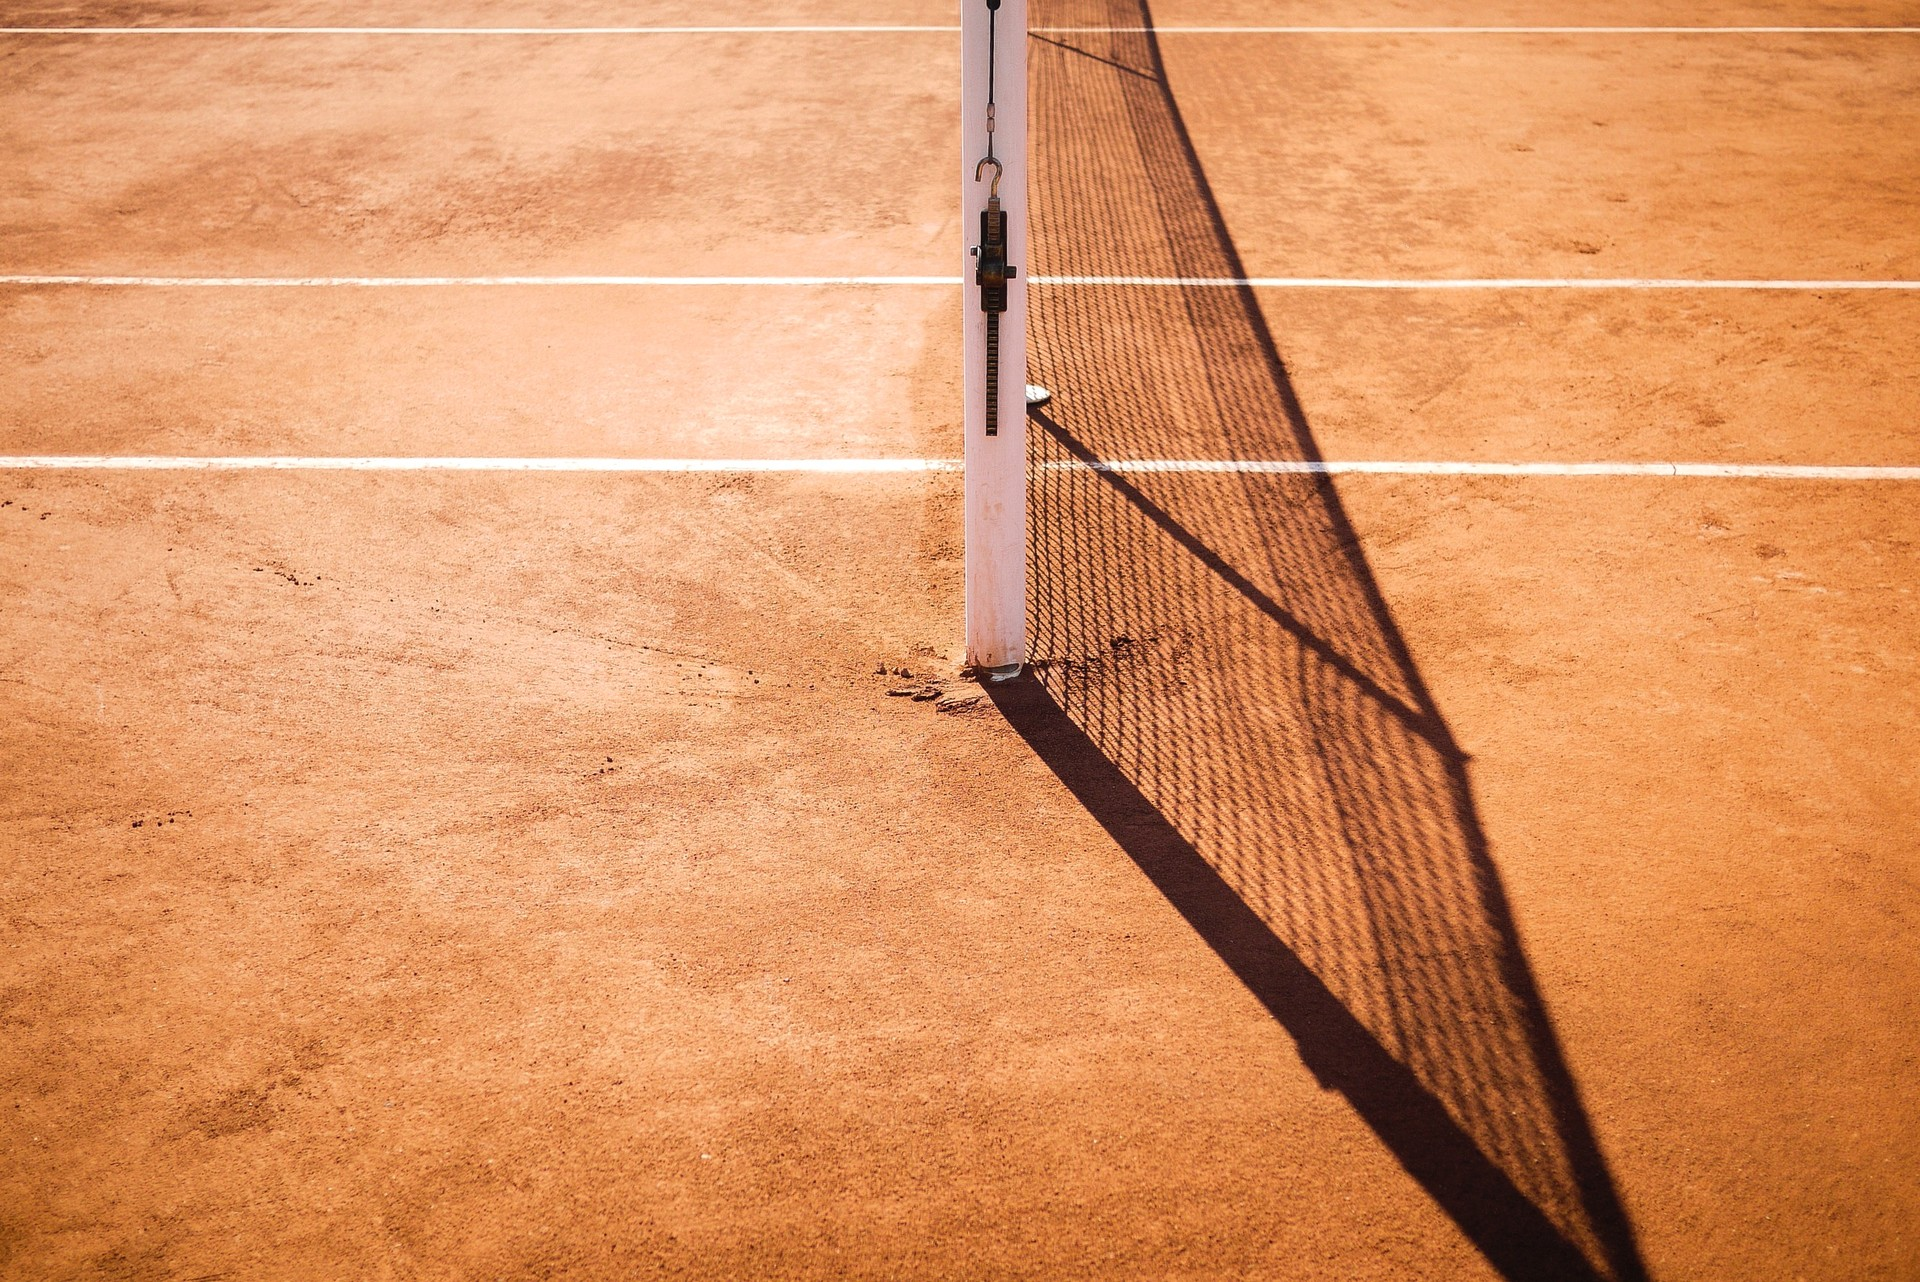 Deporte y esparcimiento